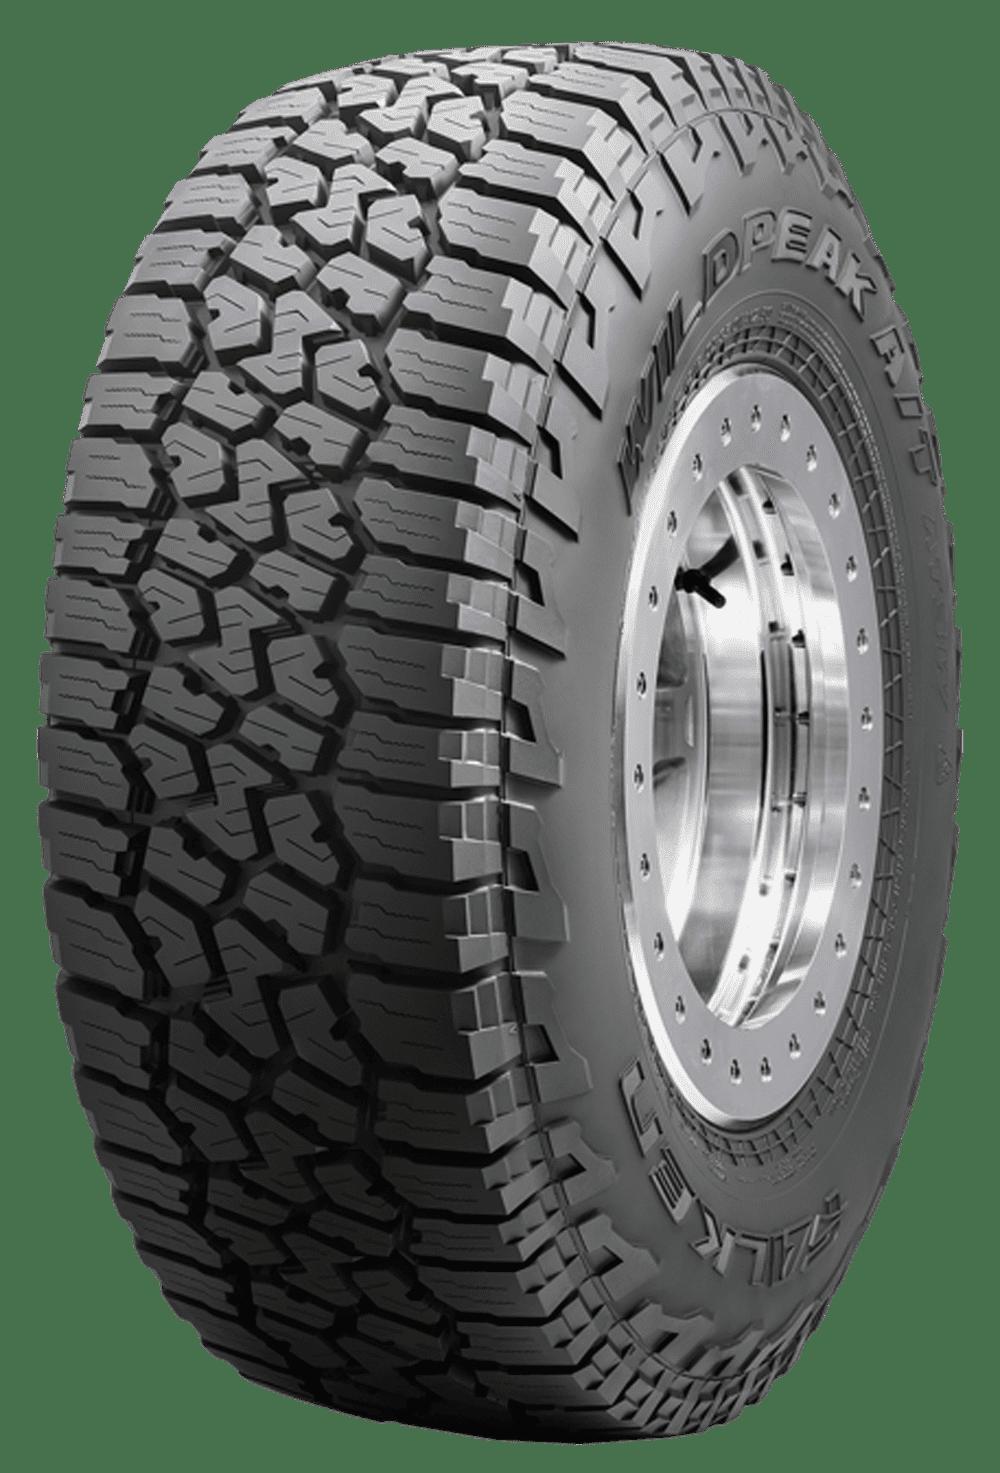 Falken Wildpeak A/T3W Tire